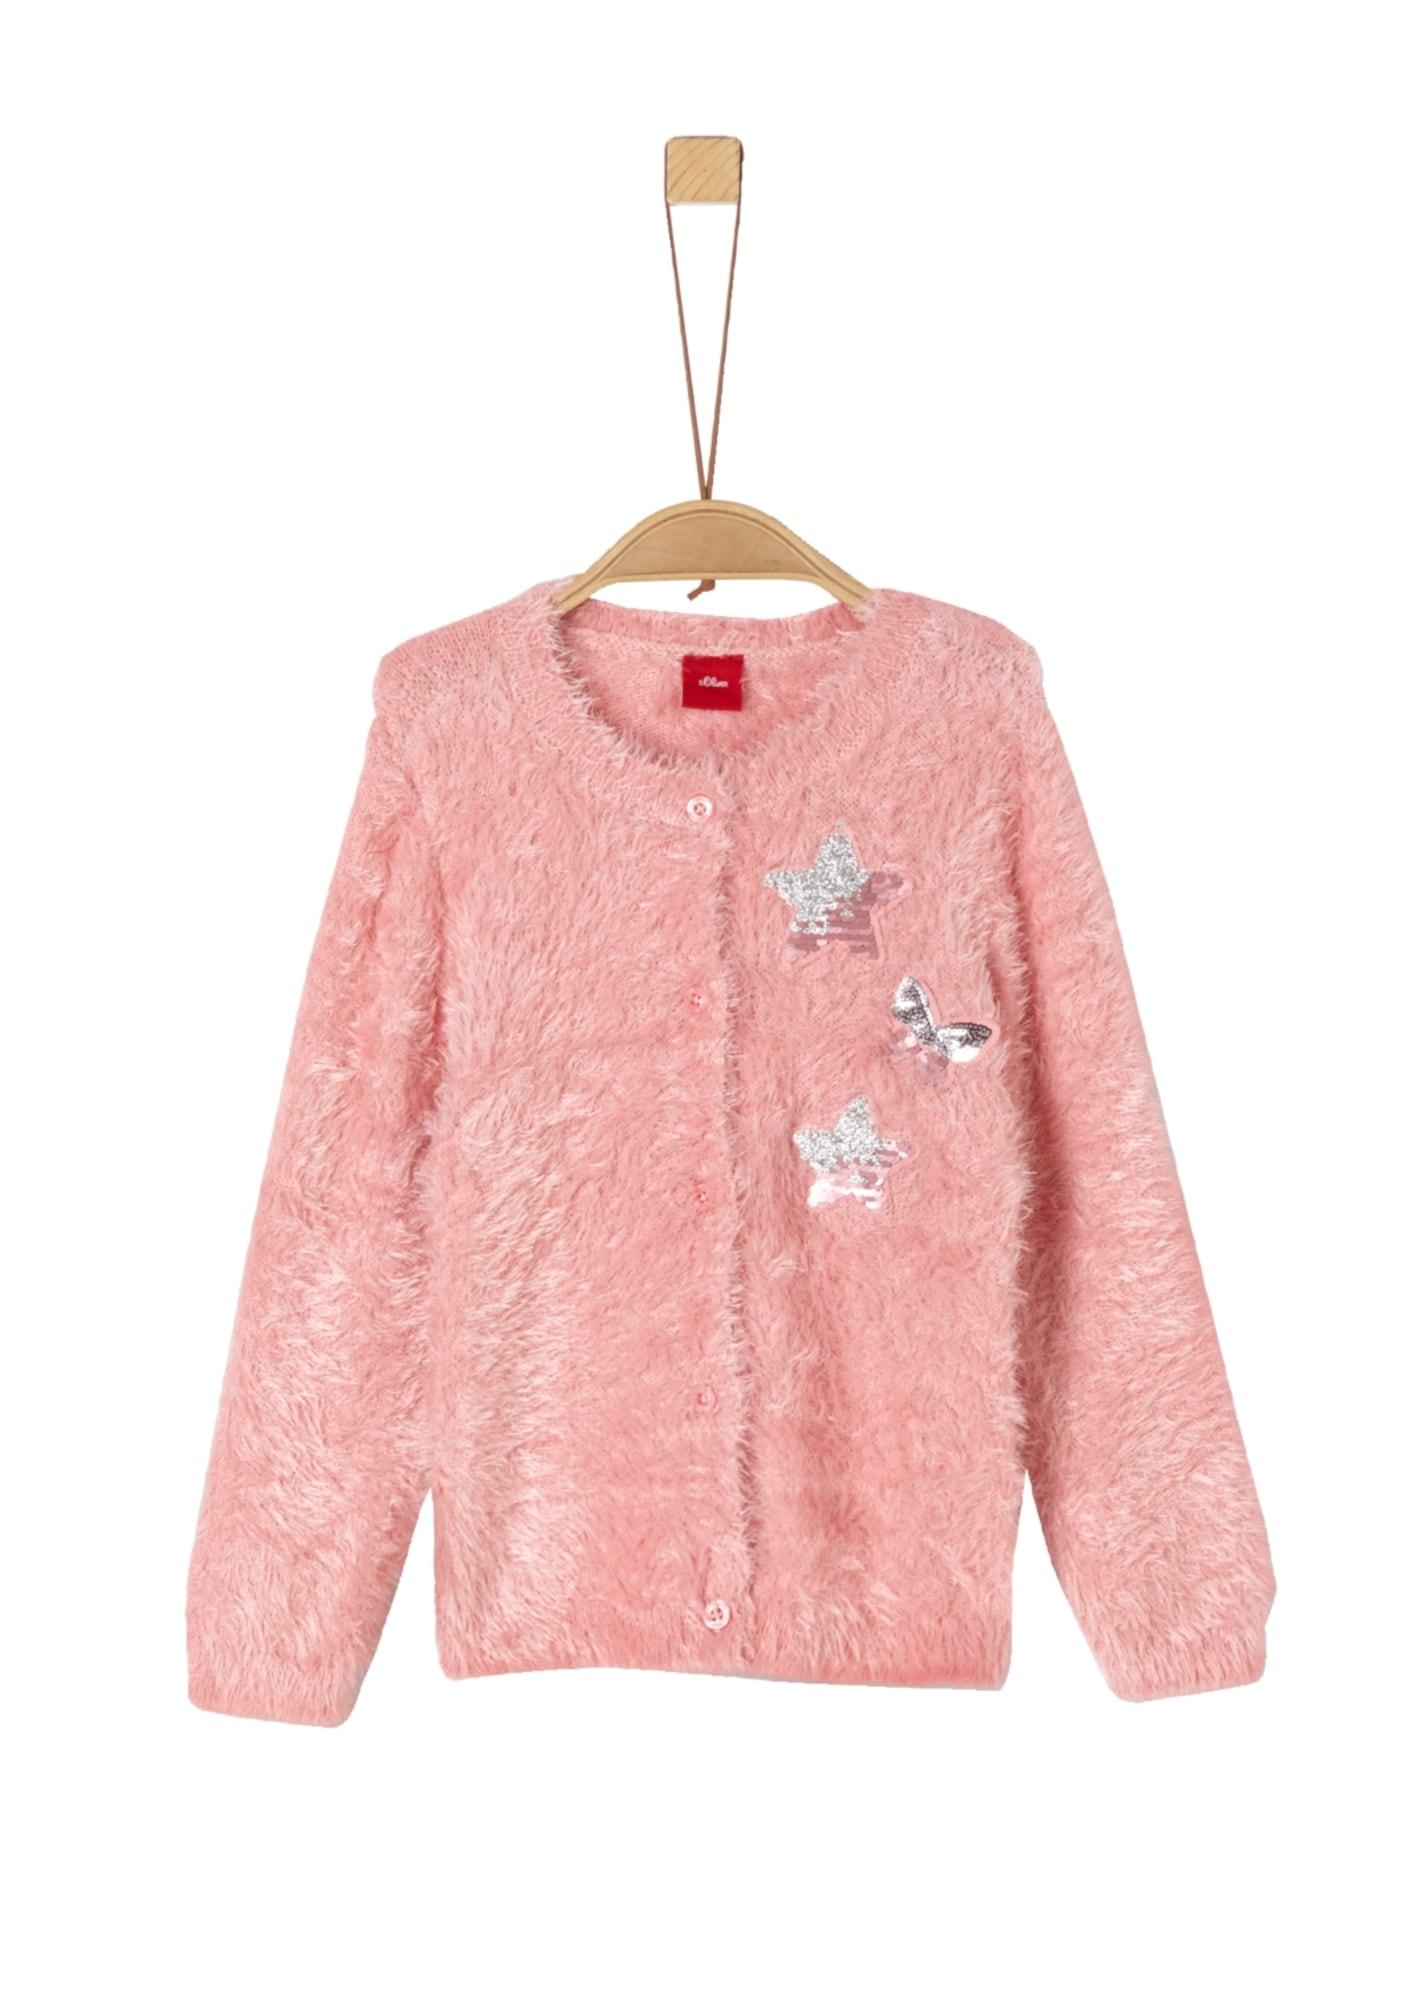 s.Oliver Junior Kardiganas sidabras / ryškiai rožinė spalva